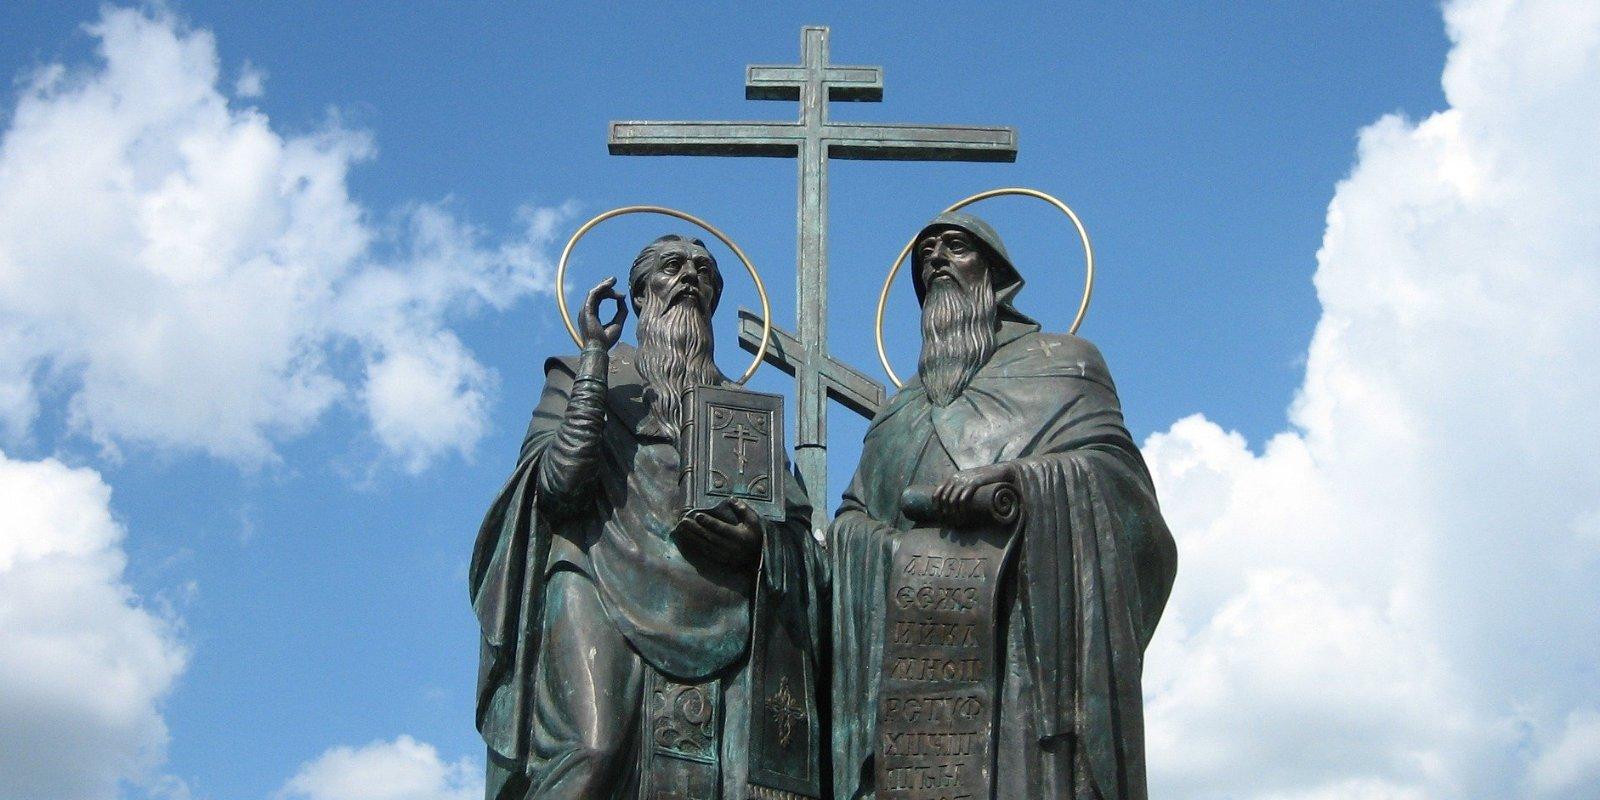 Памятник Кириллу и Мефодию в Астрахани